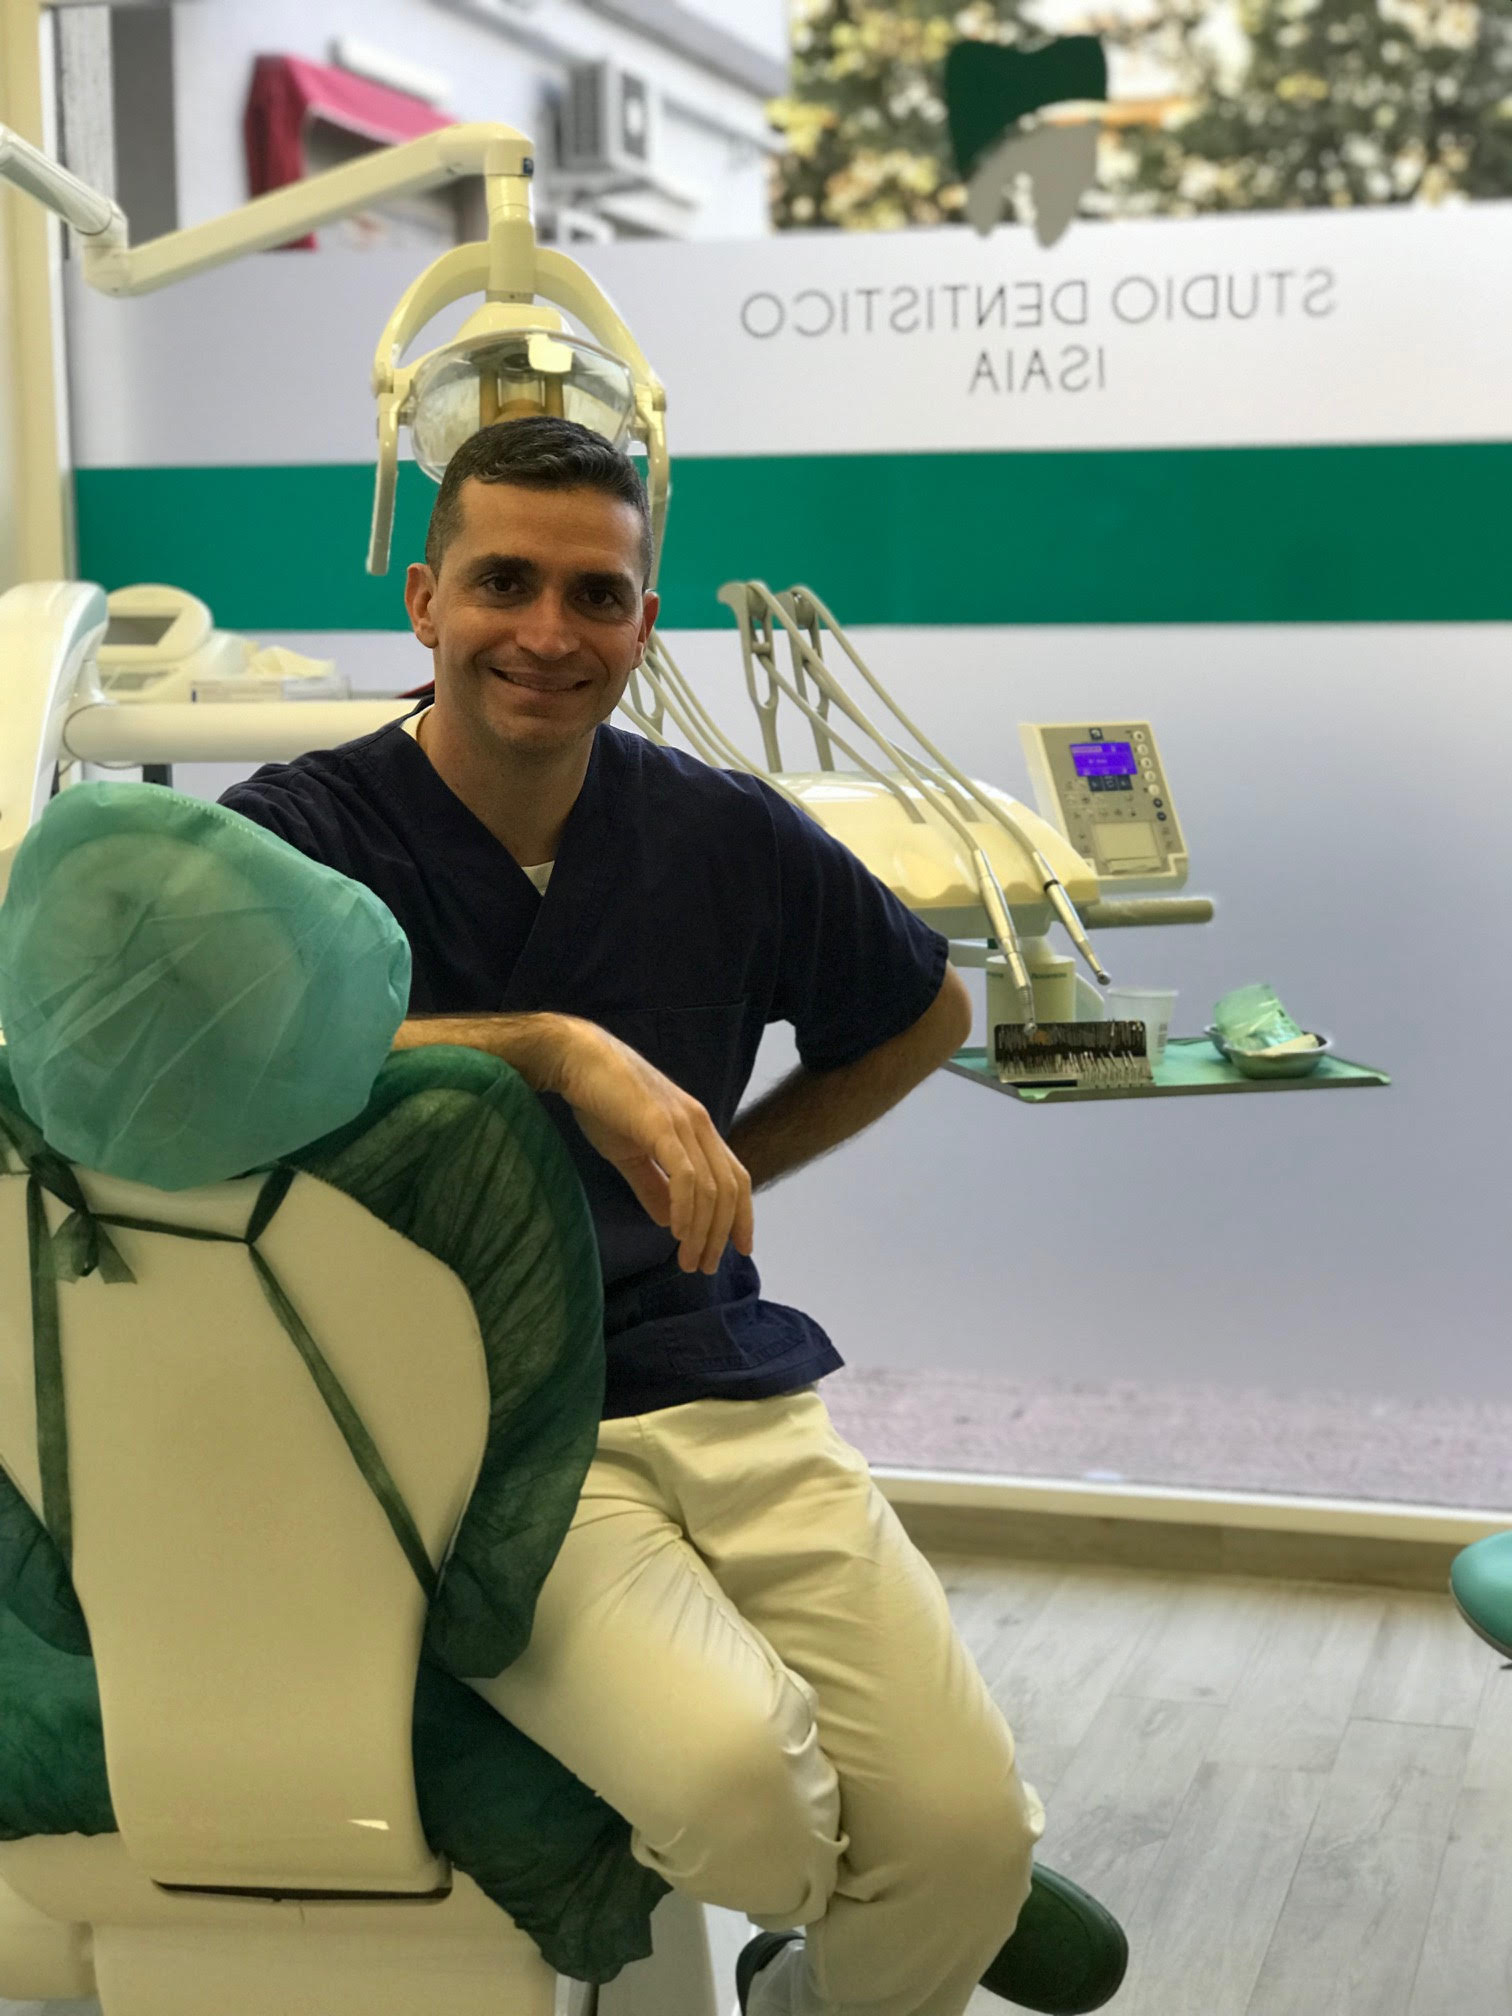 Dott. Andrea Isaia